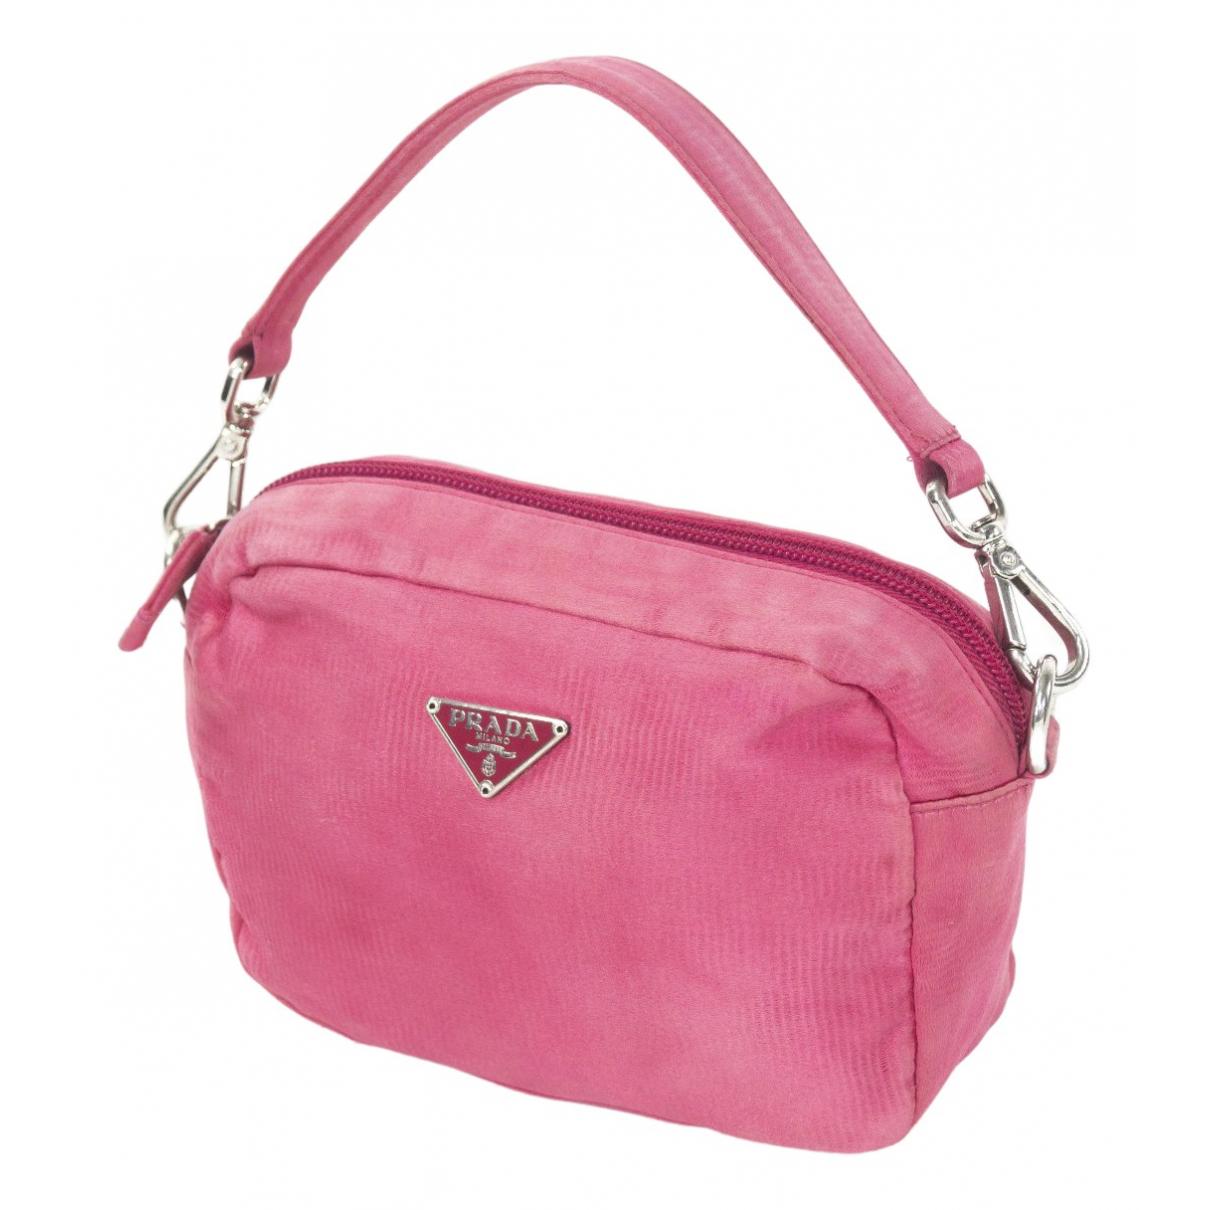 Prada Tessuto  Handtasche in  Rosa Samt